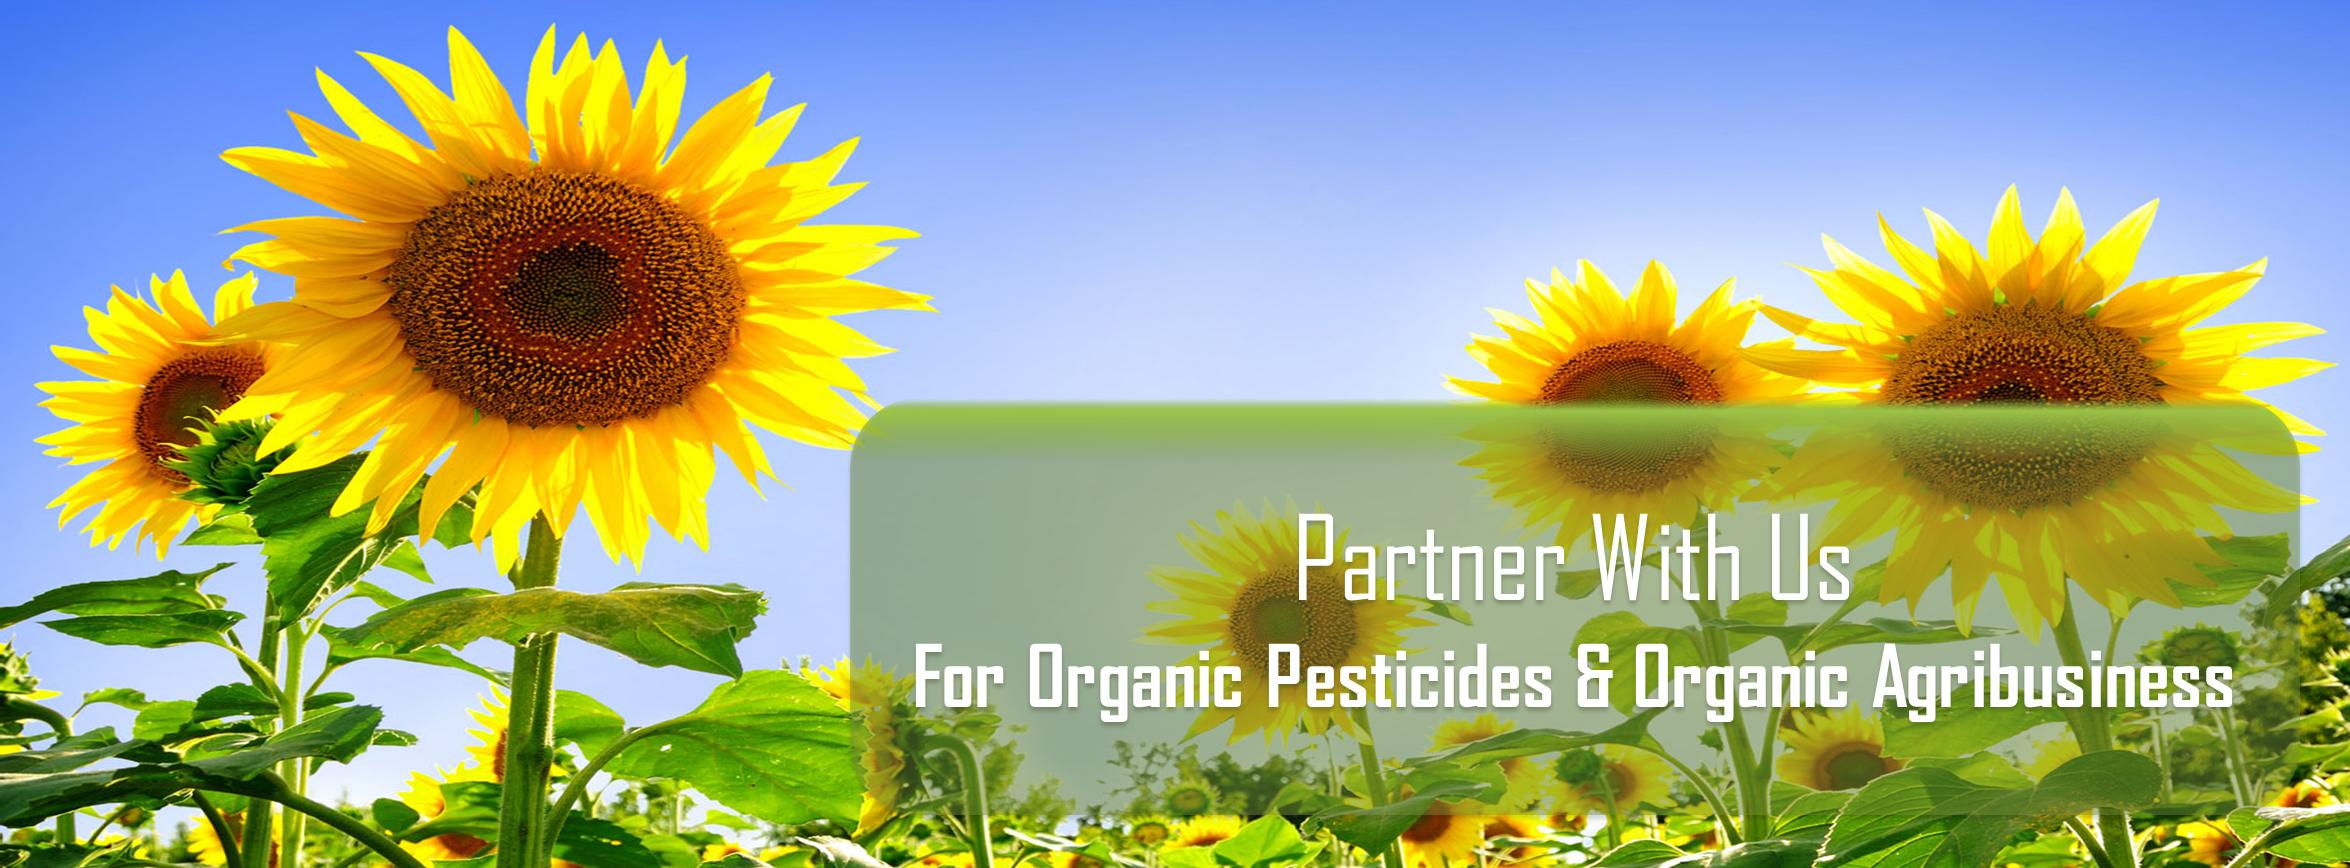 Organic_Pesticides_1